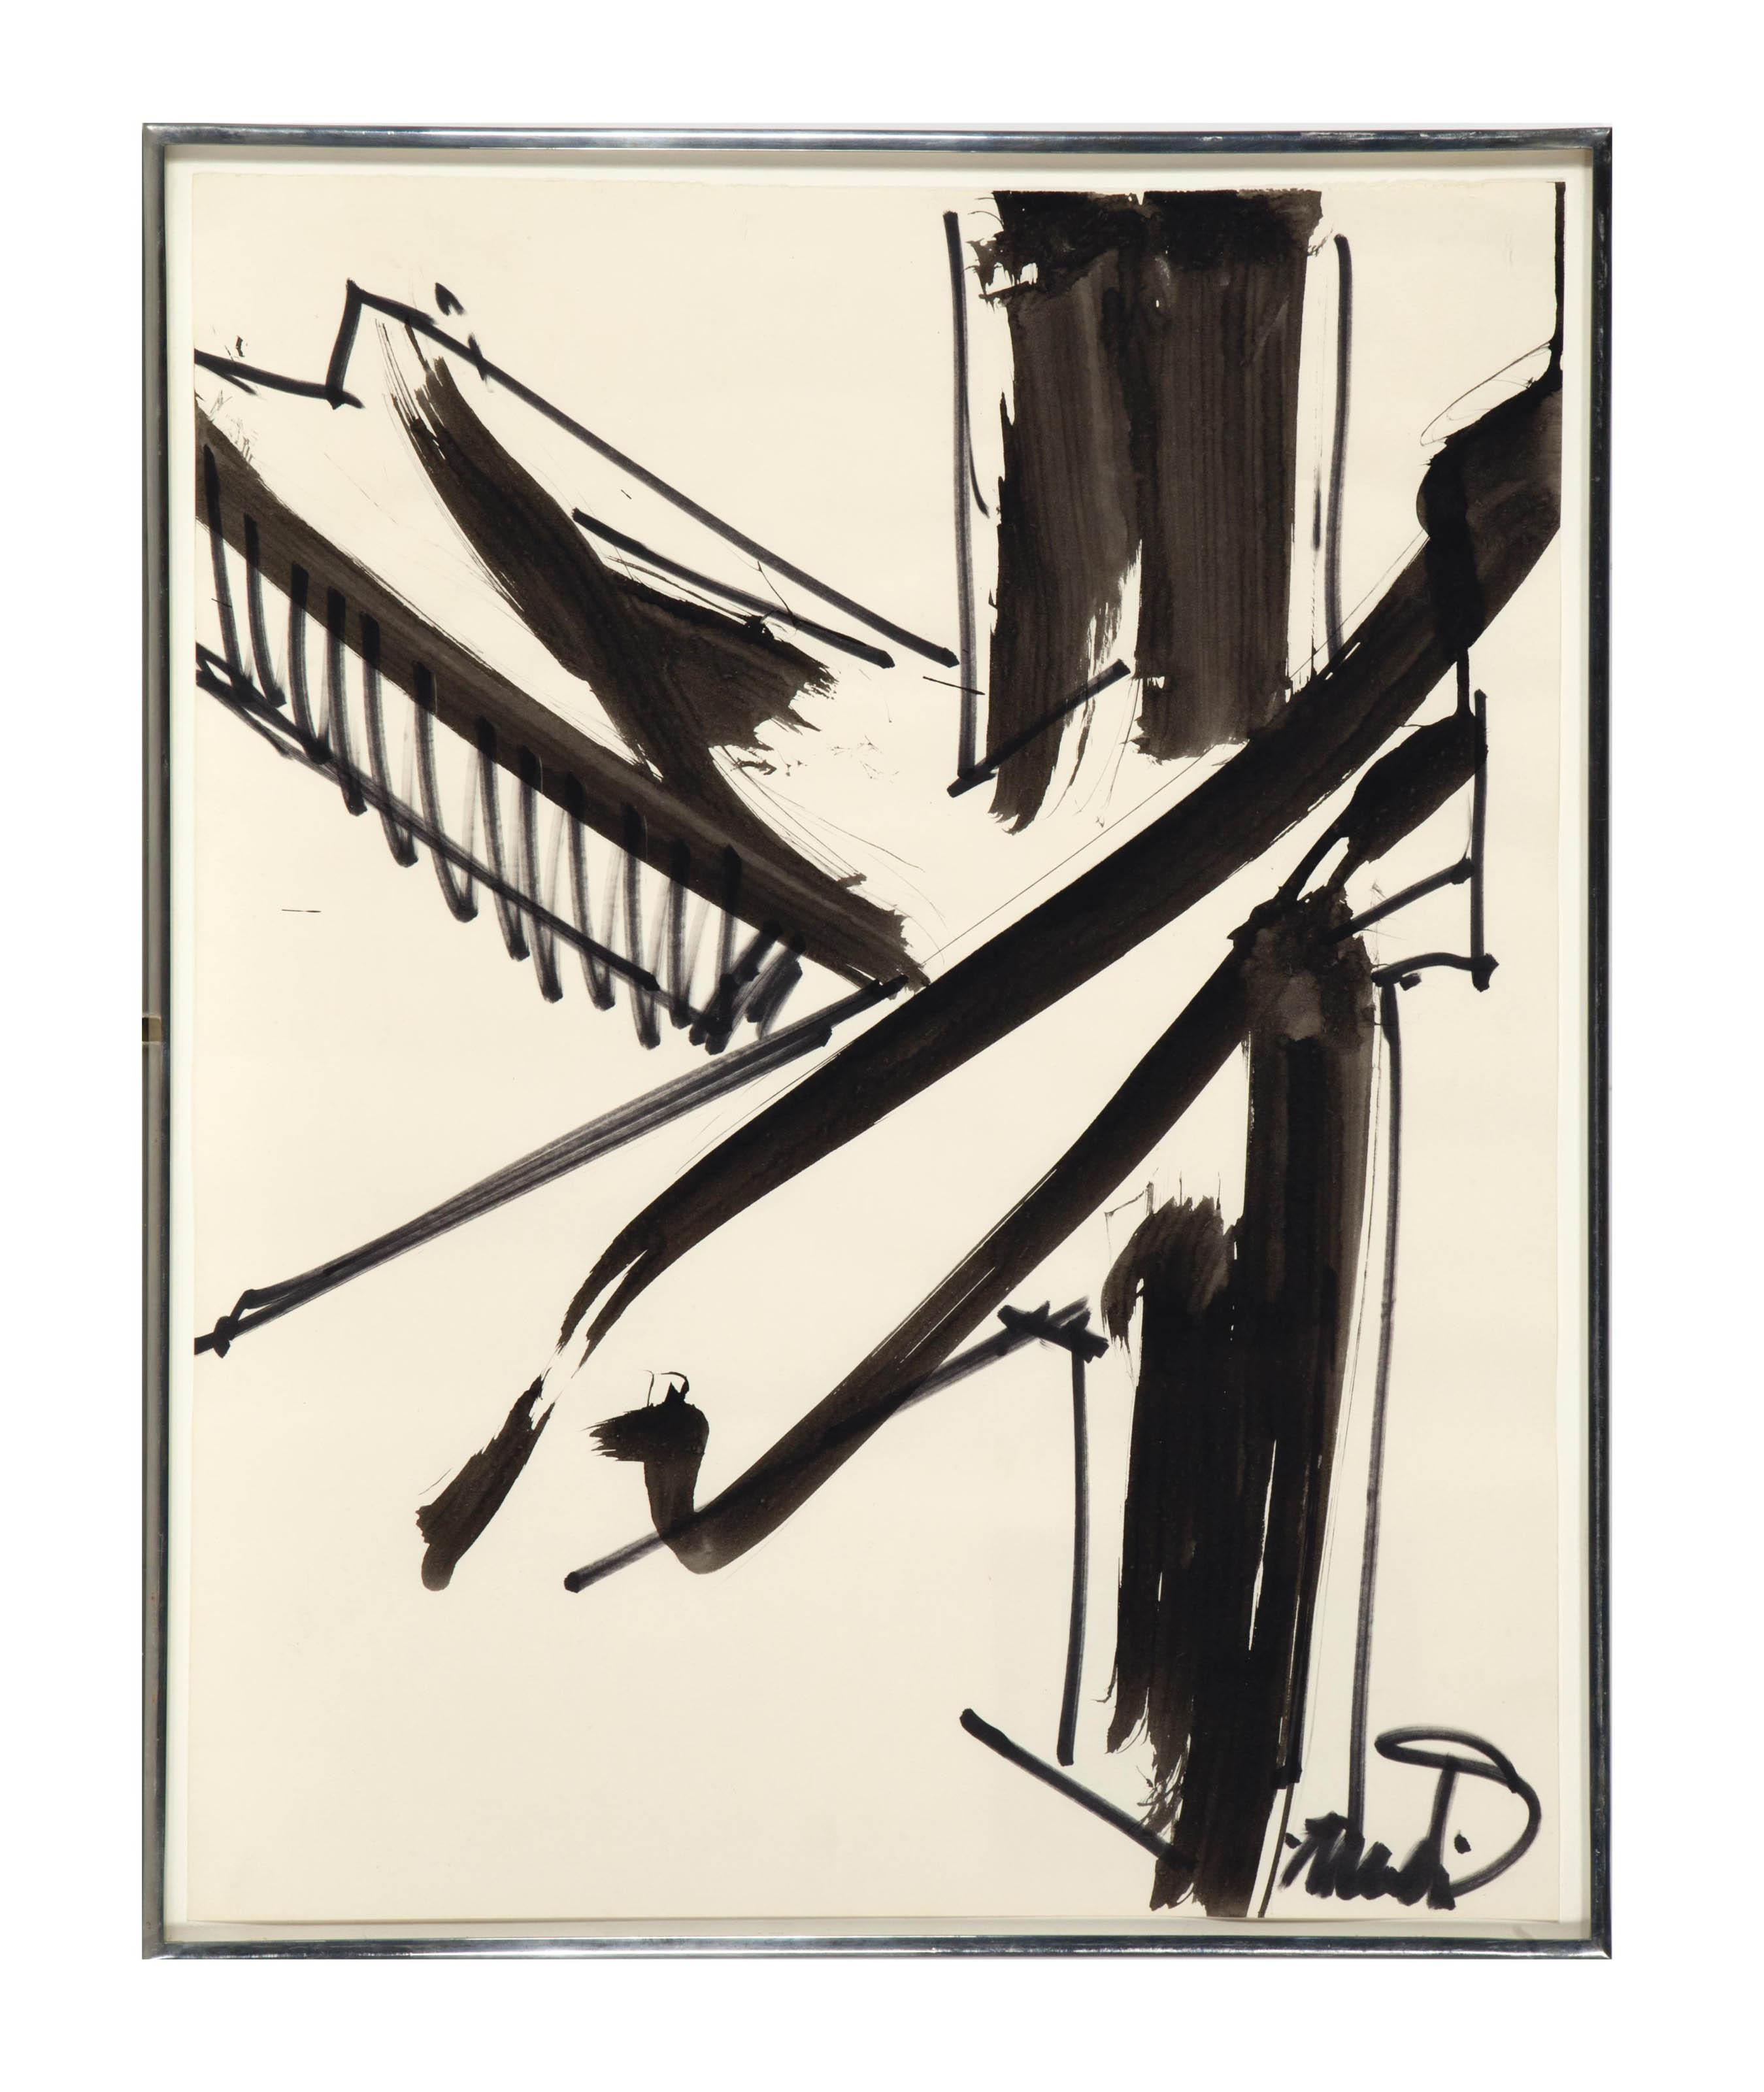 MARK DI SUVERO (AMERICAN, B. 1933)